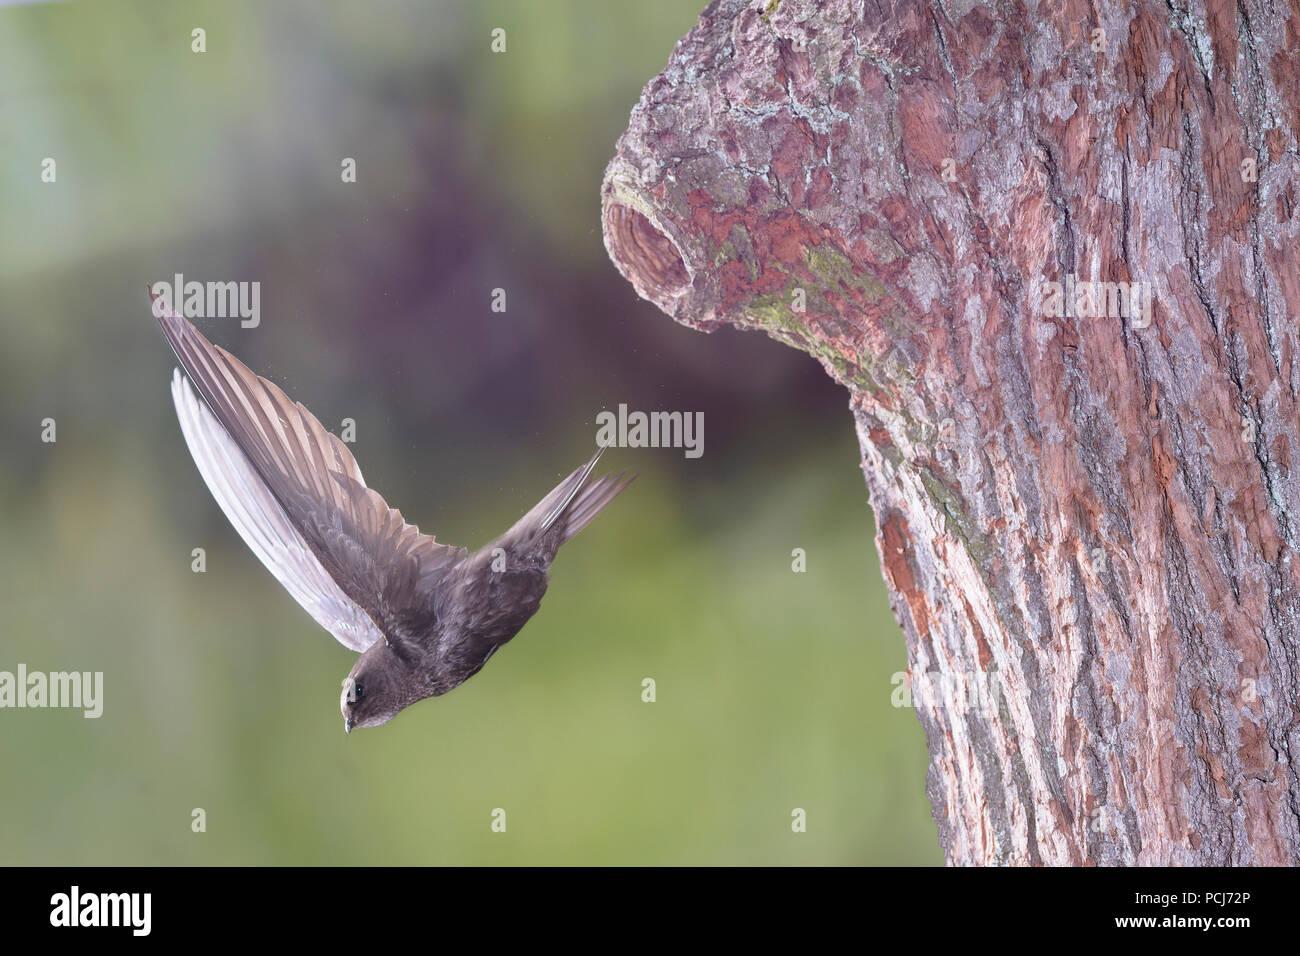 Mauersegler, beim Abflug von Spechthoehle, Selketal bei Harzgerode, Harz, Deutschland, (Apus apus) - Stock Image